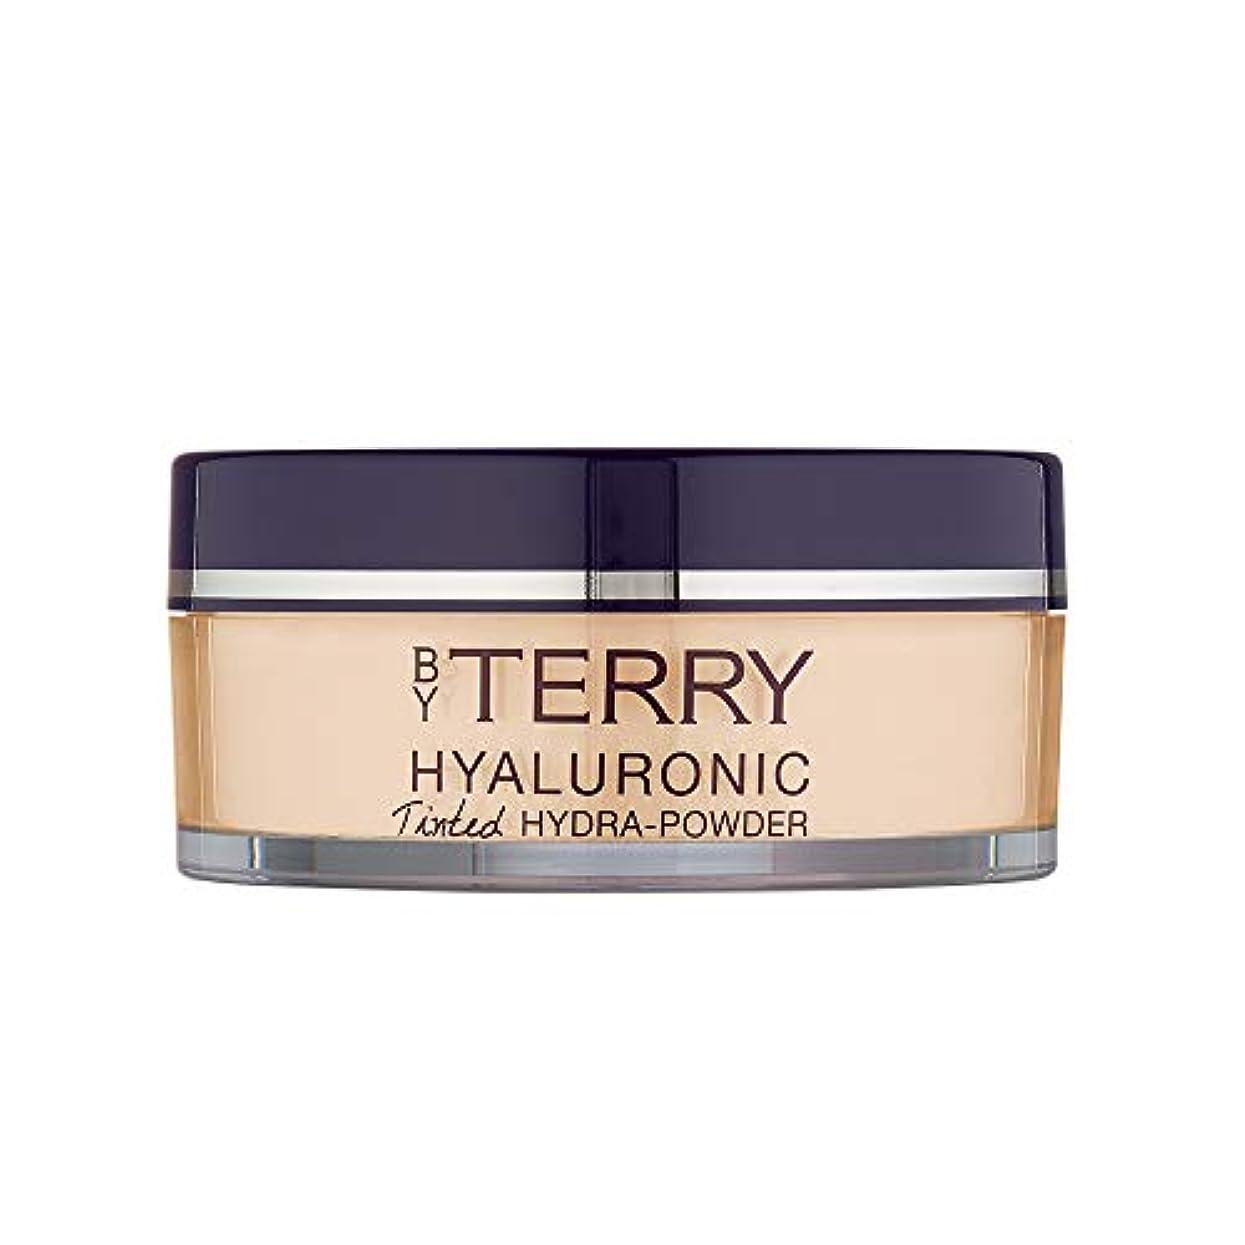 理論的保有者褐色バイテリー Hyaluronic Tinted Hydra Care Setting Powder - # 100 Fair 10g/0.35oz並行輸入品